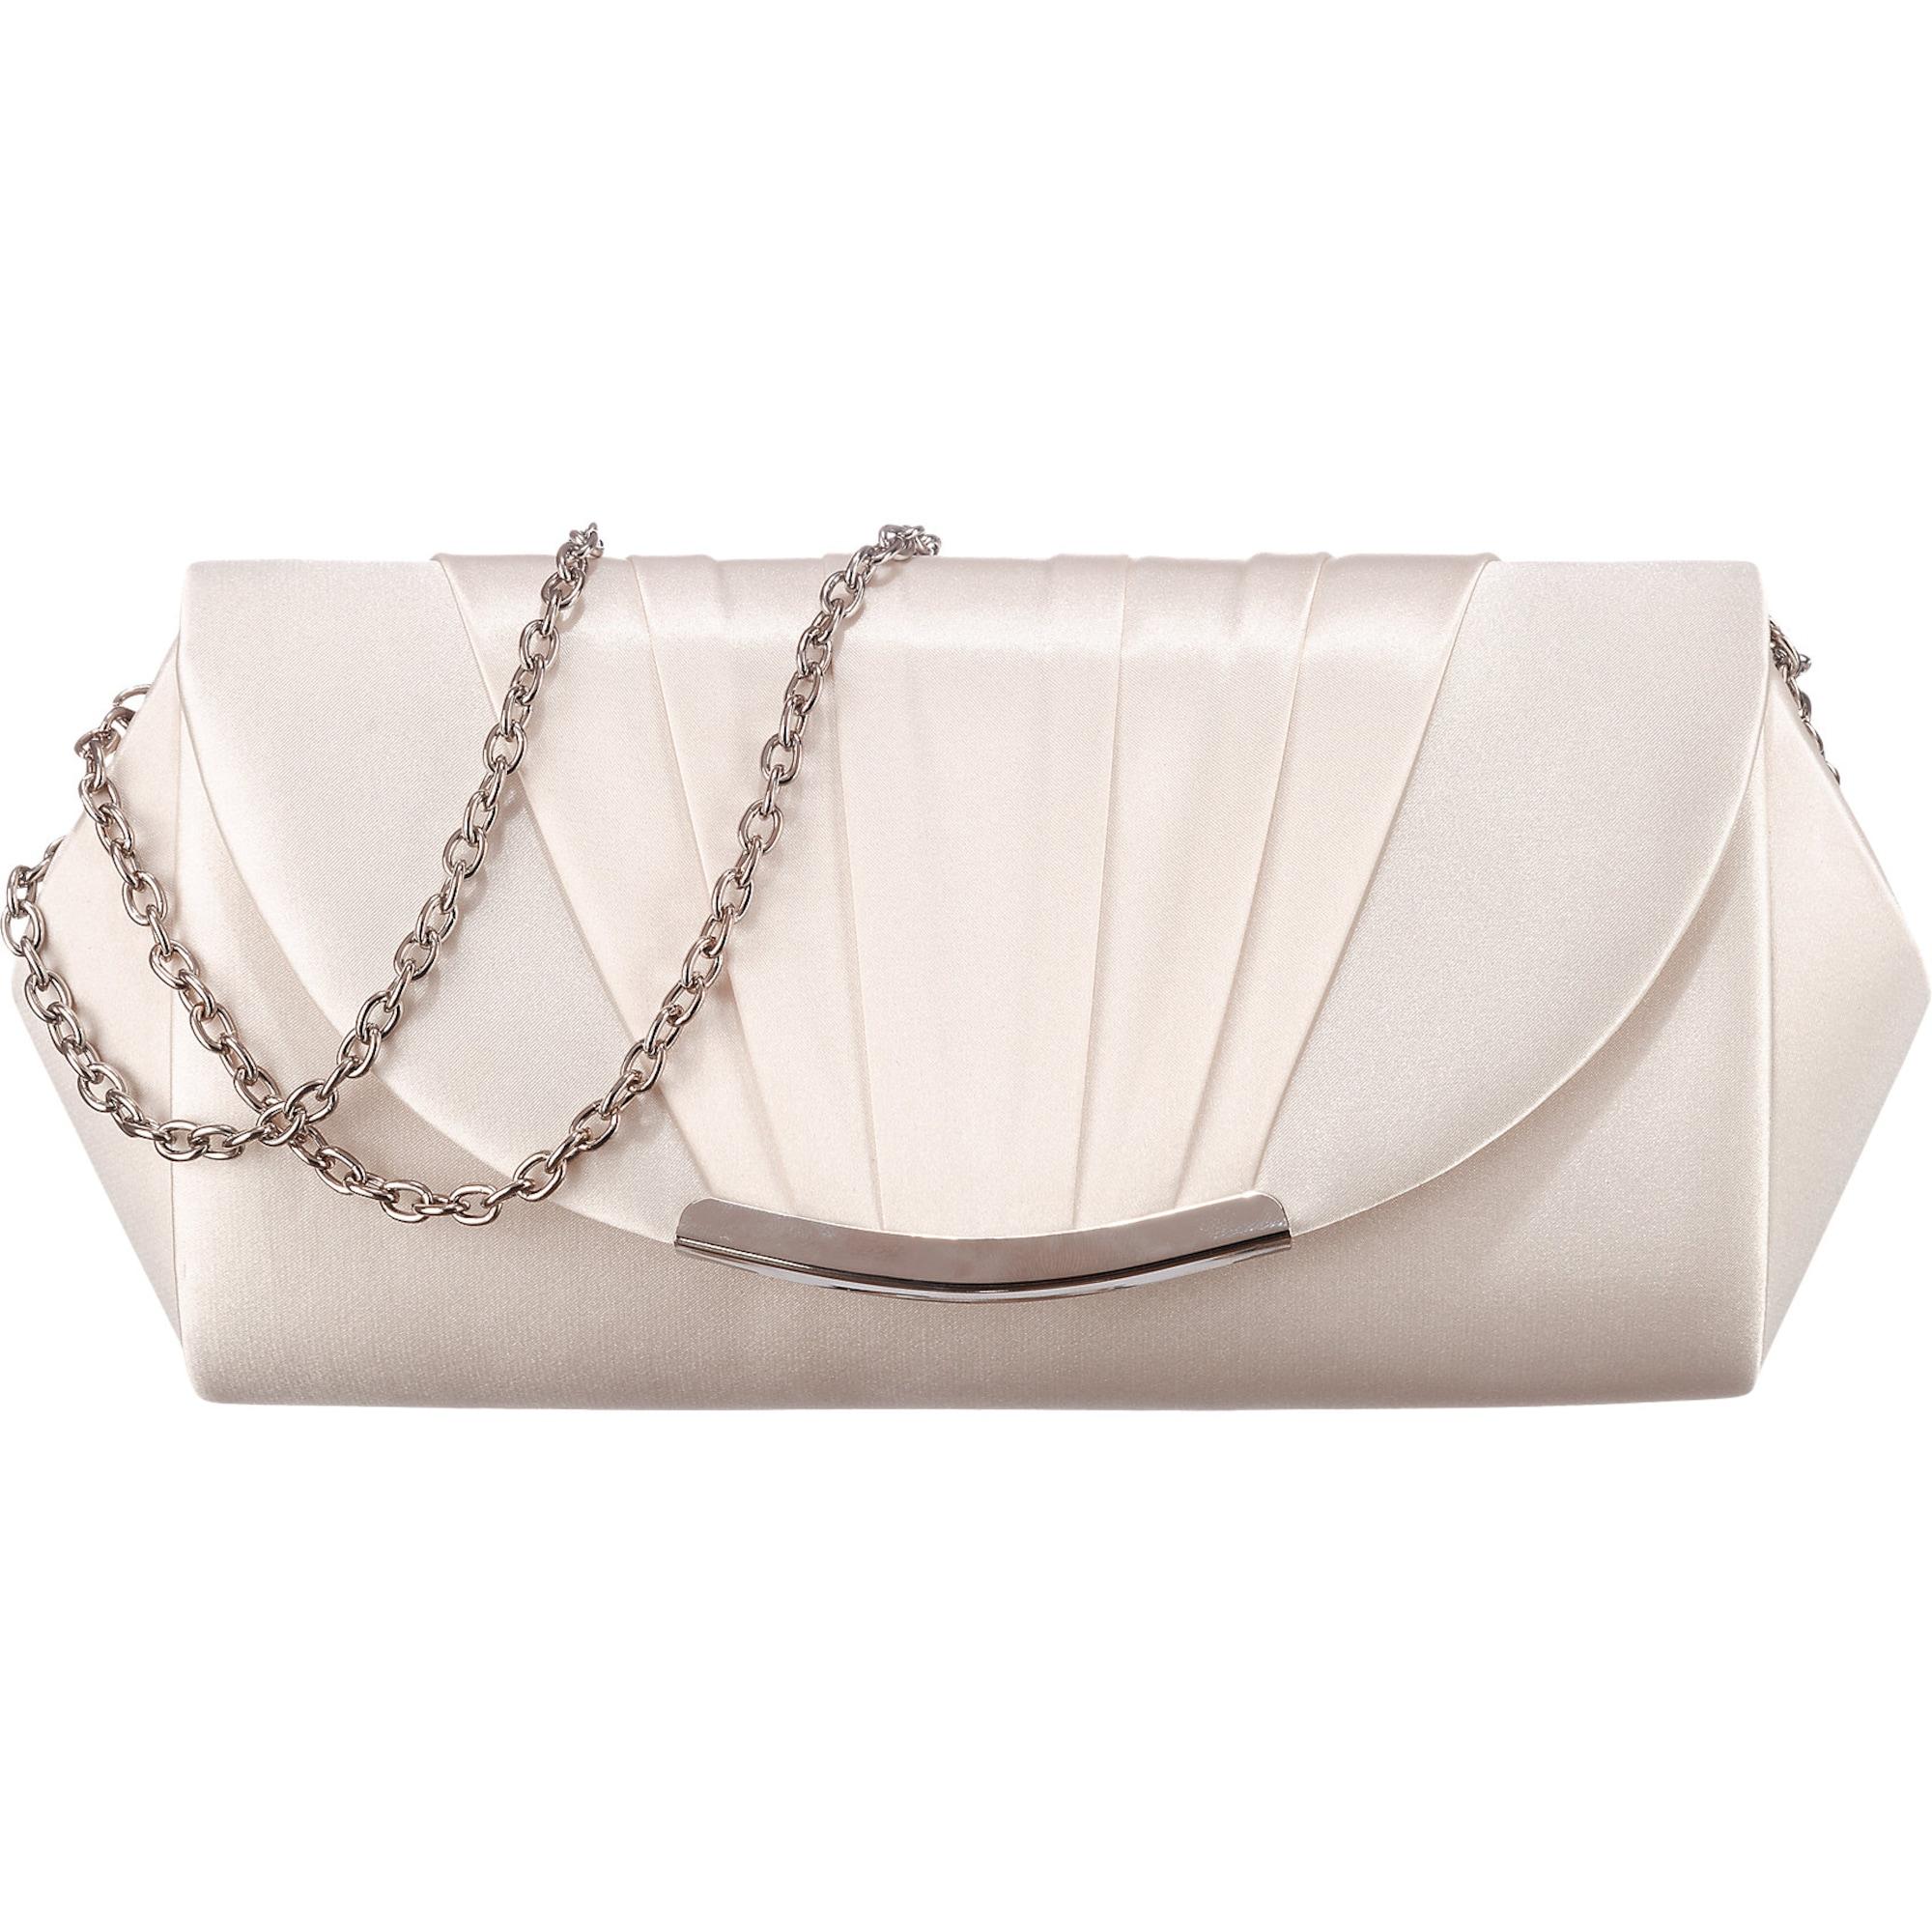 Abendtasche 'Scala' | Taschen > Handtaschen > Abendtaschen | Creme | Picard